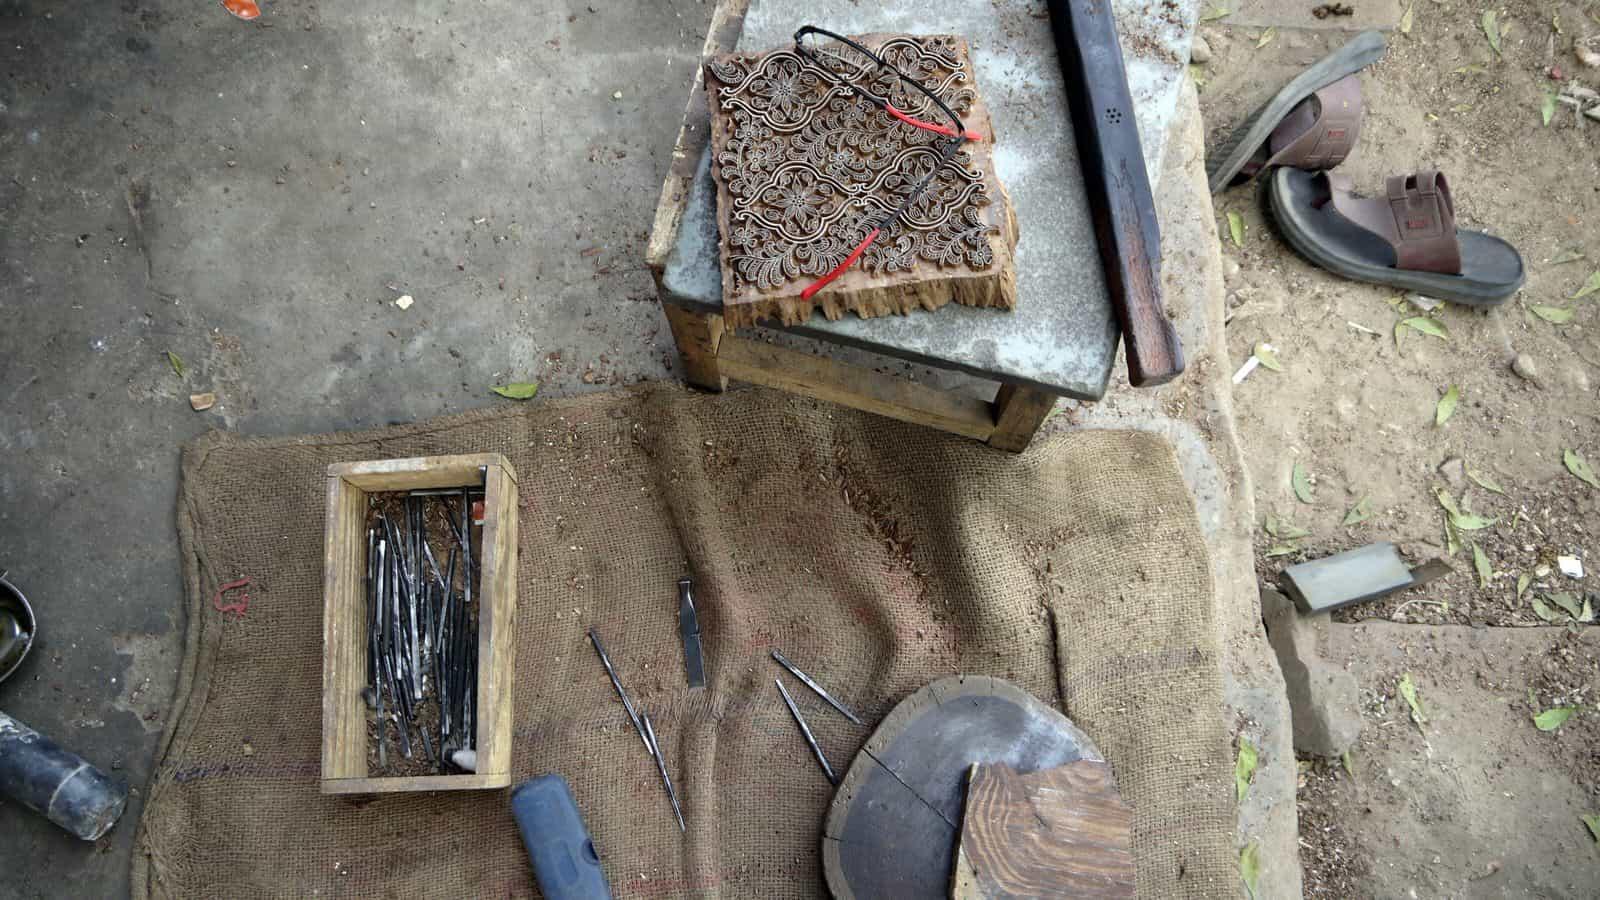 齋浦爾近郊小鎮桑格內爾:私闖染布工廠,木刻印章大叔的攝影練習